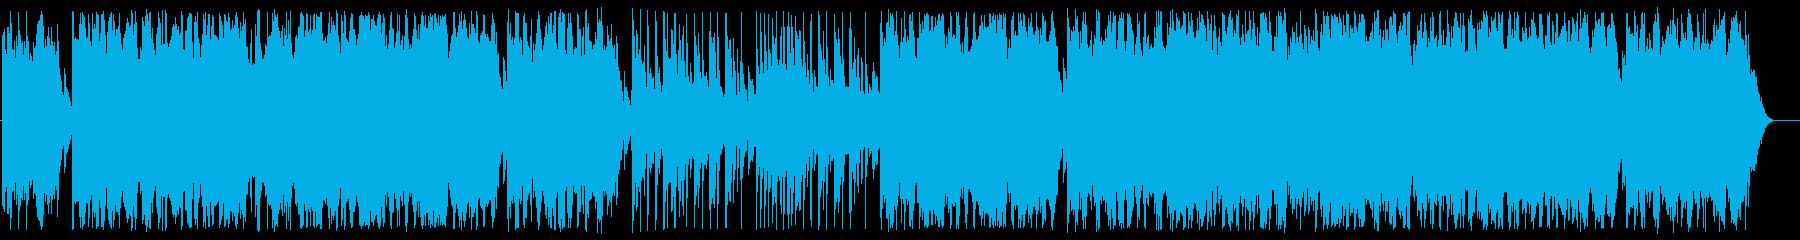 ああベツレヘムよオルゴール&Str.の再生済みの波形